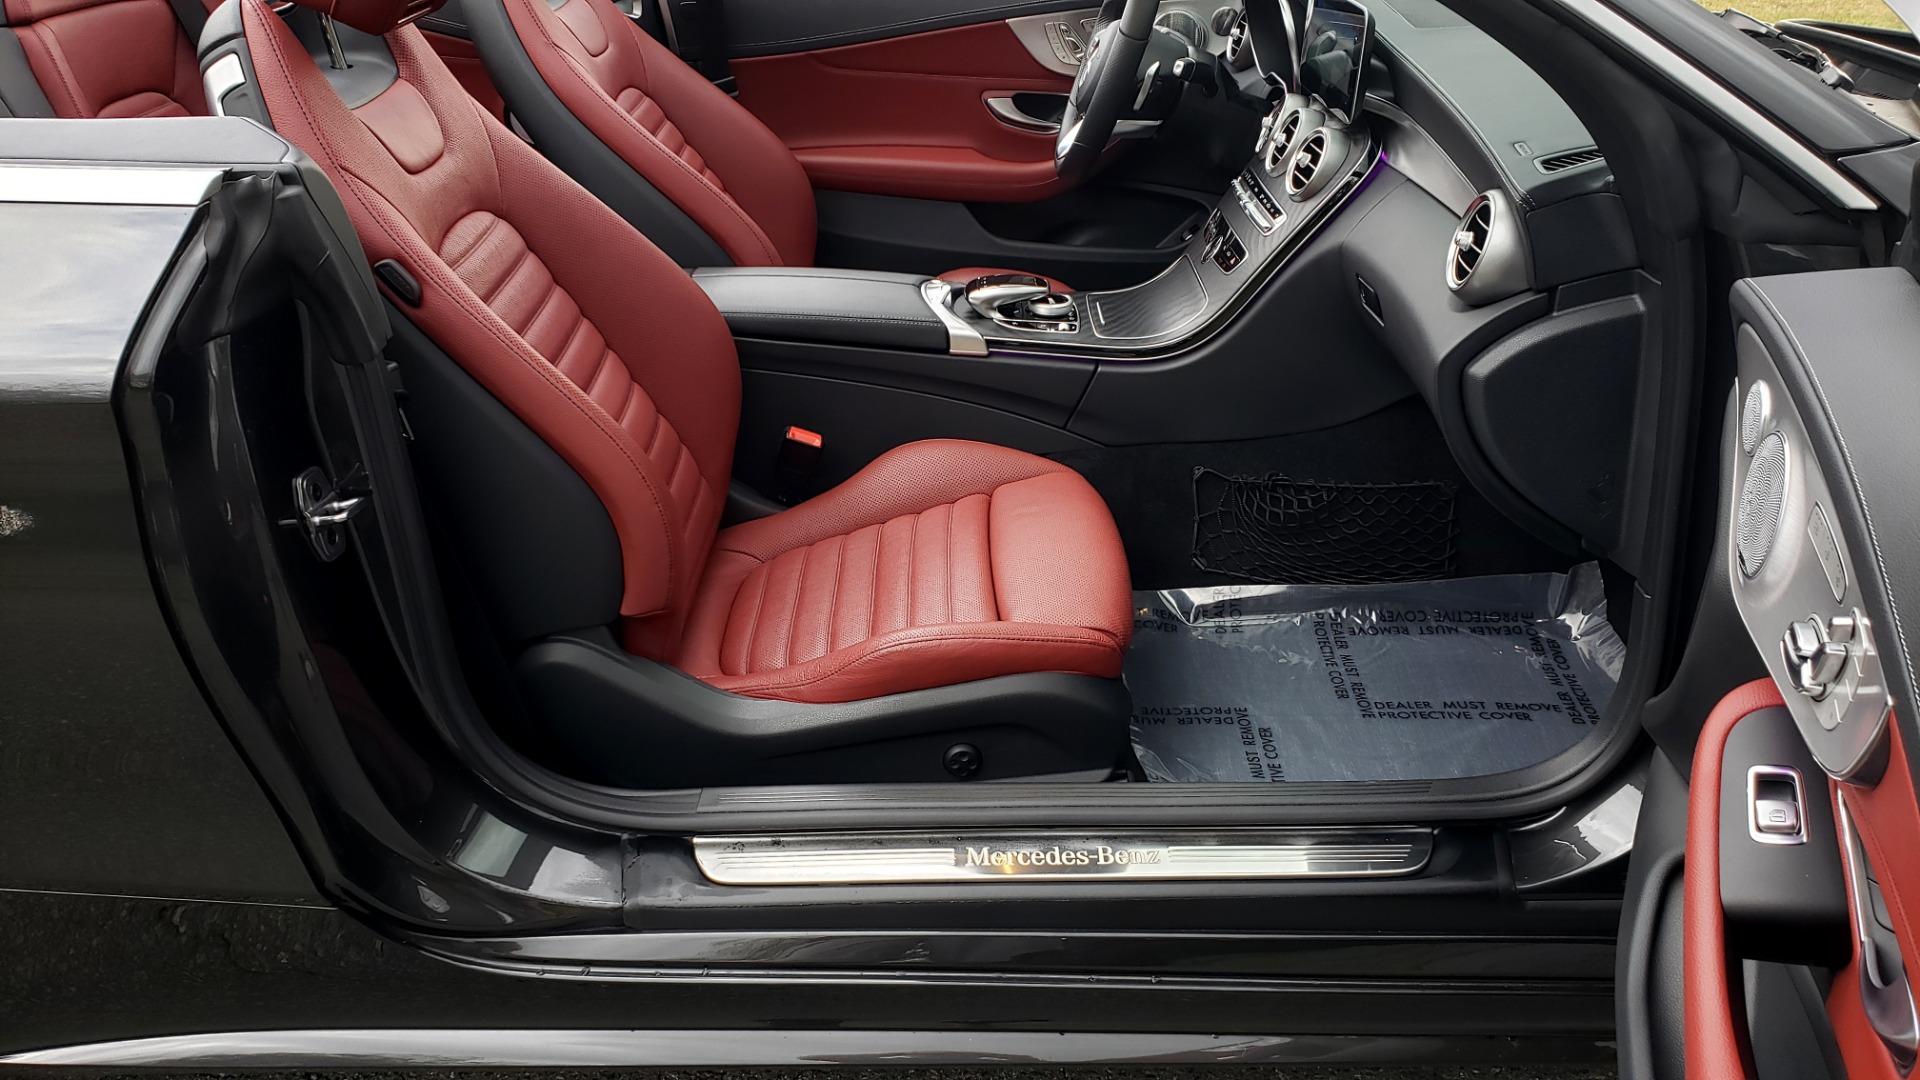 Used 2019 Mercedes-Benz C-CLASS C 300 CABRIOLET / PREM PKG / NAV / BURMESTER / MULTIMEDIA for sale Sold at Formula Imports in Charlotte NC 28227 60